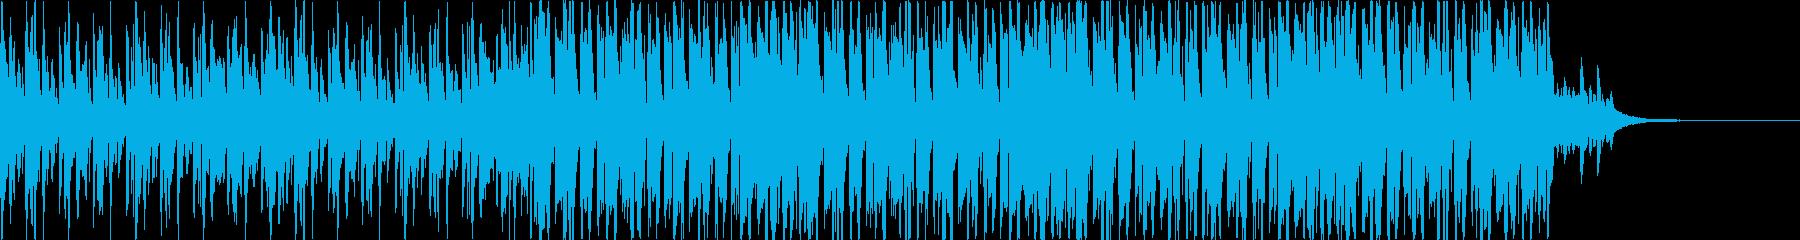 Pf「遊覧」和風現代ジャズの再生済みの波形